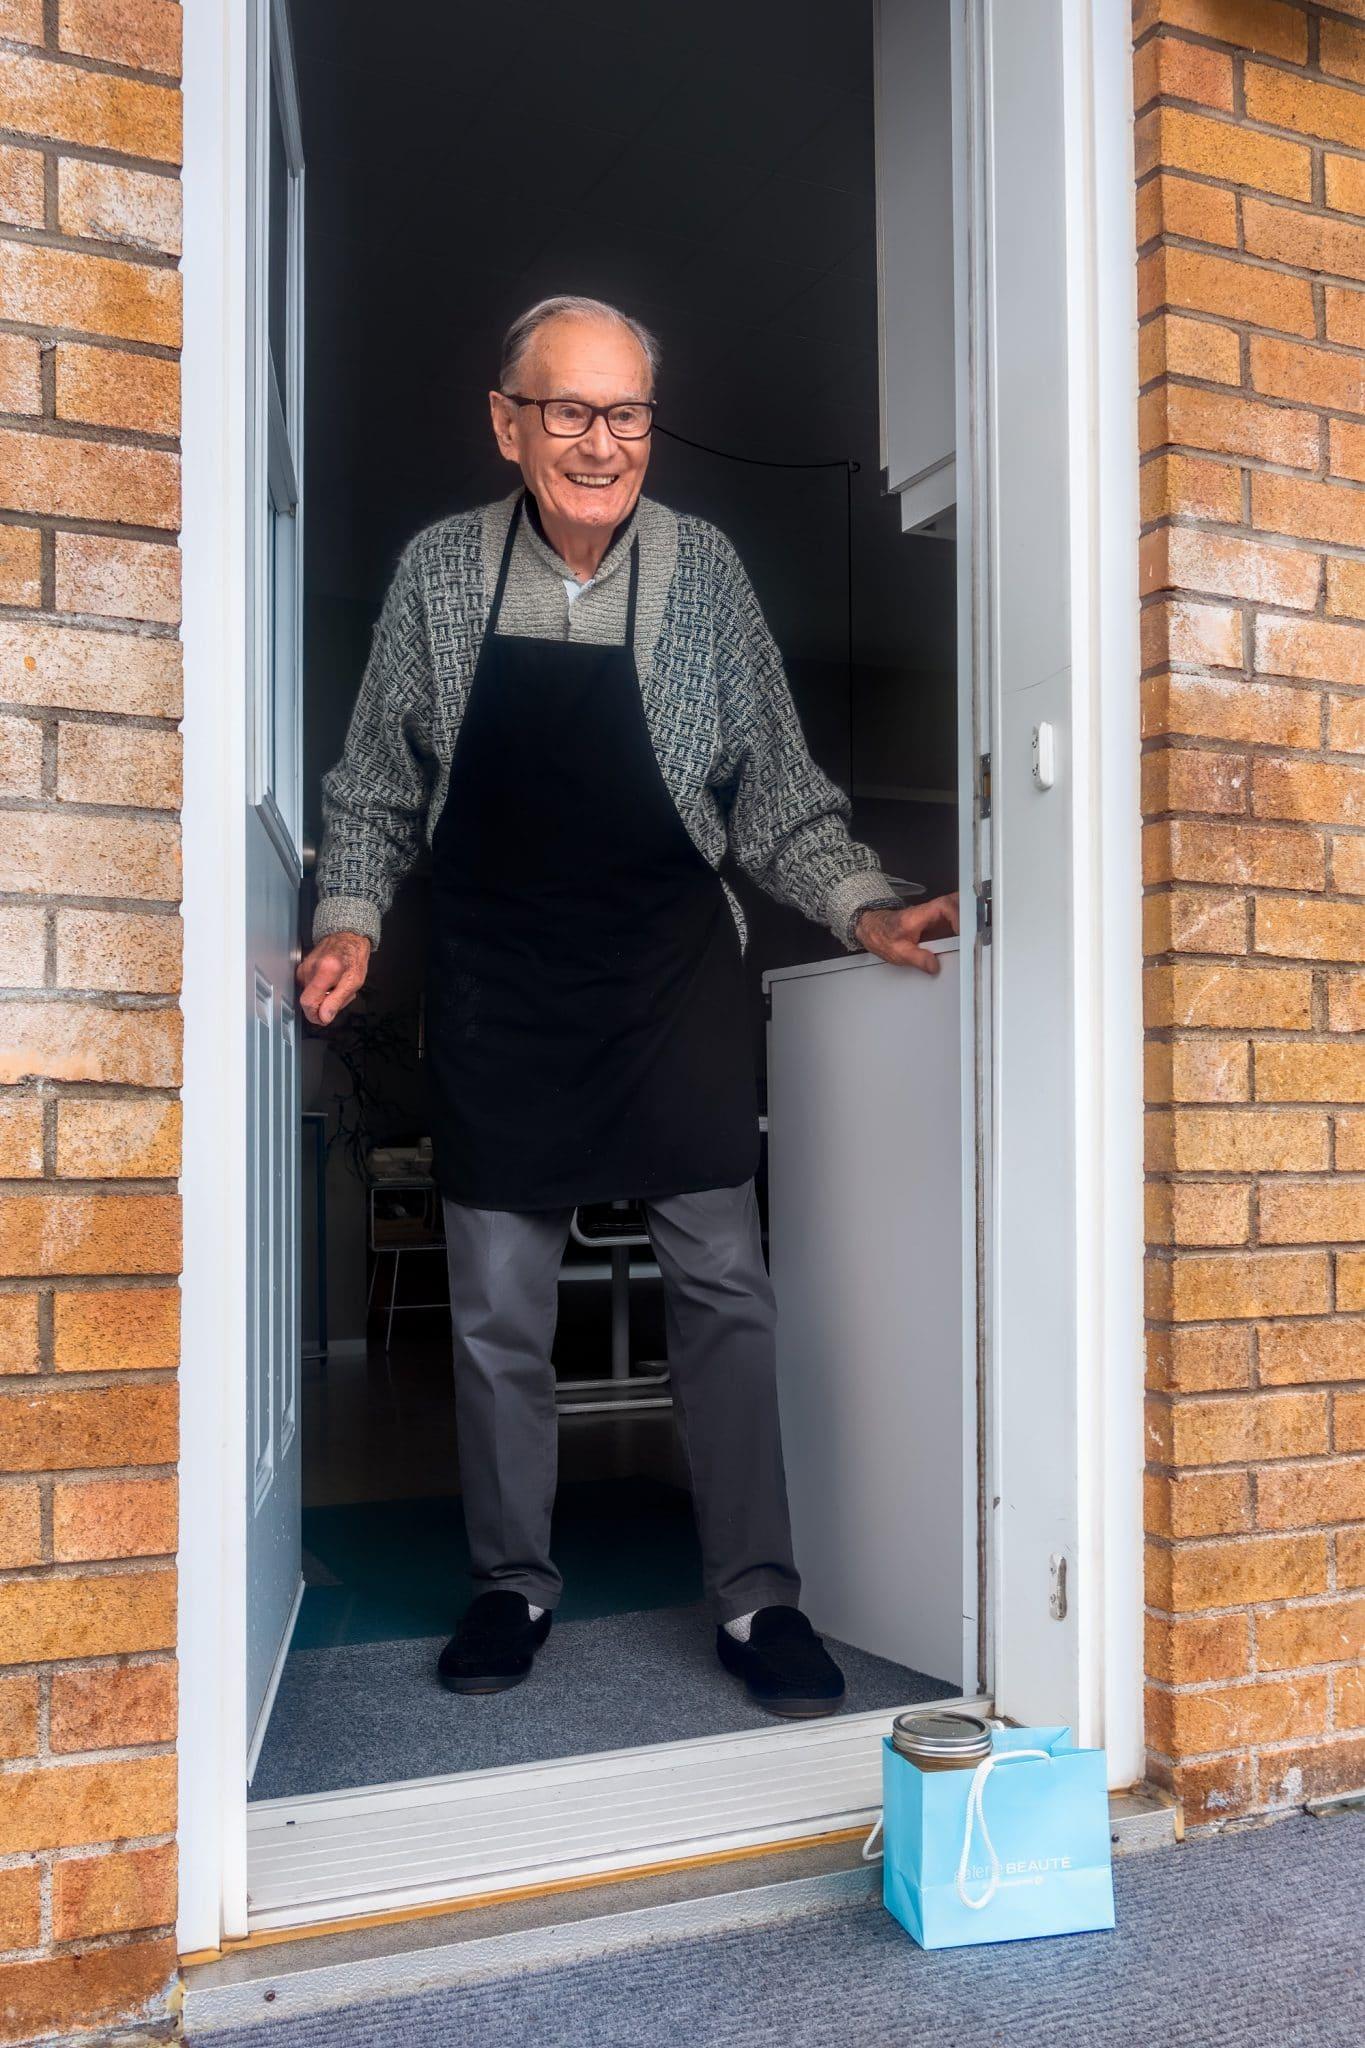 auxiliaire de vie aide une personne âgée